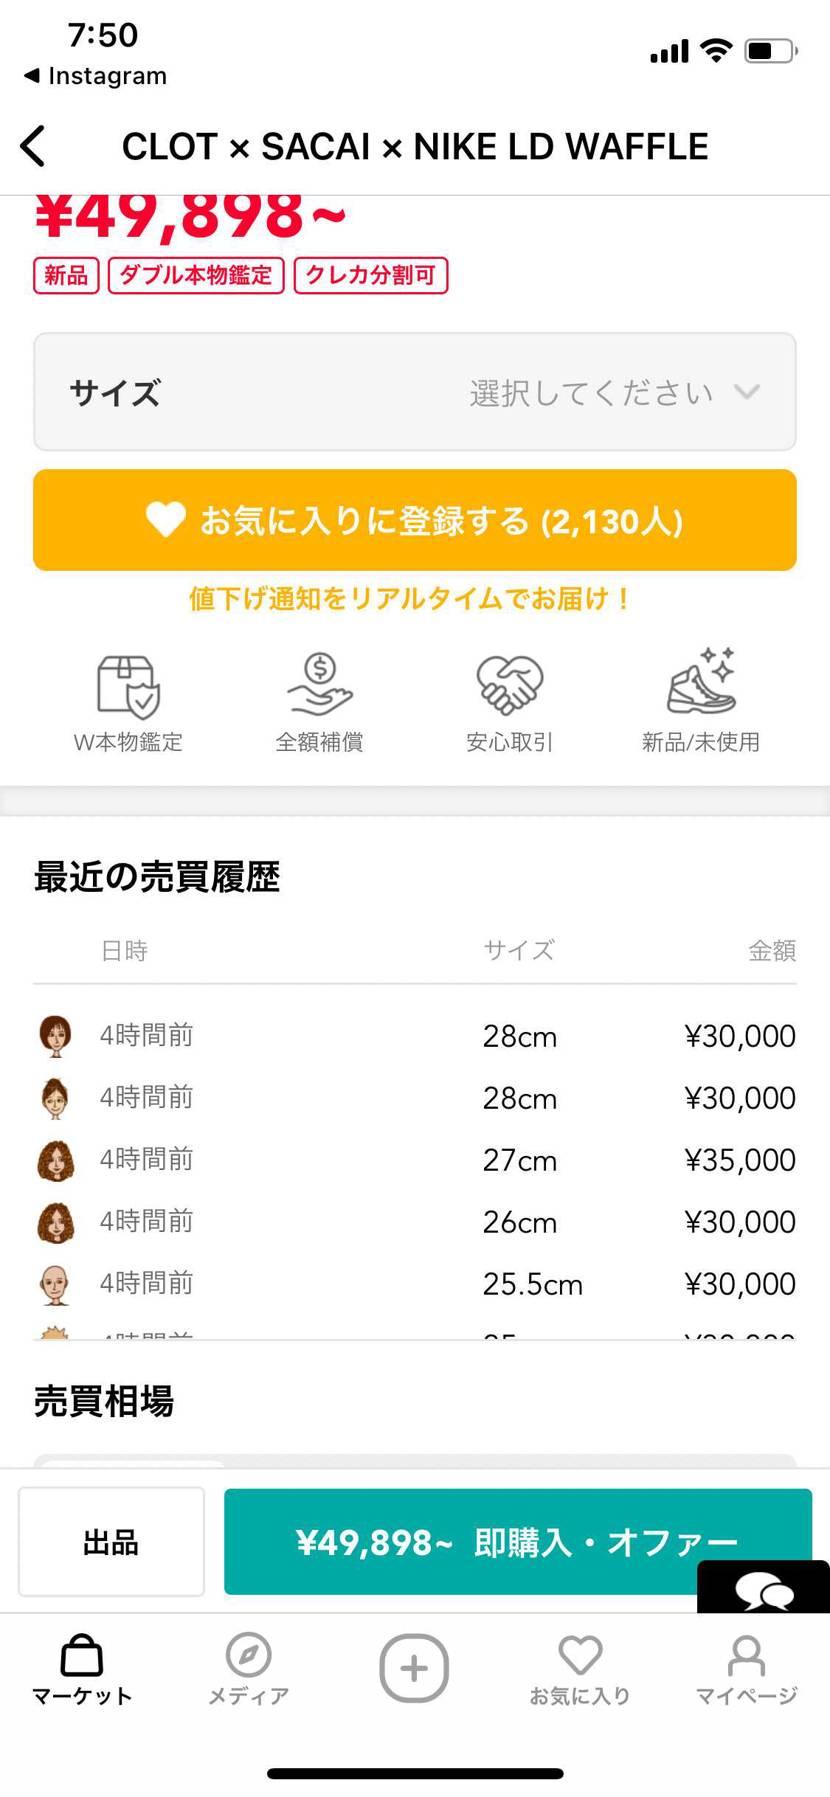 30000円って凄い。早起きすればよかった。